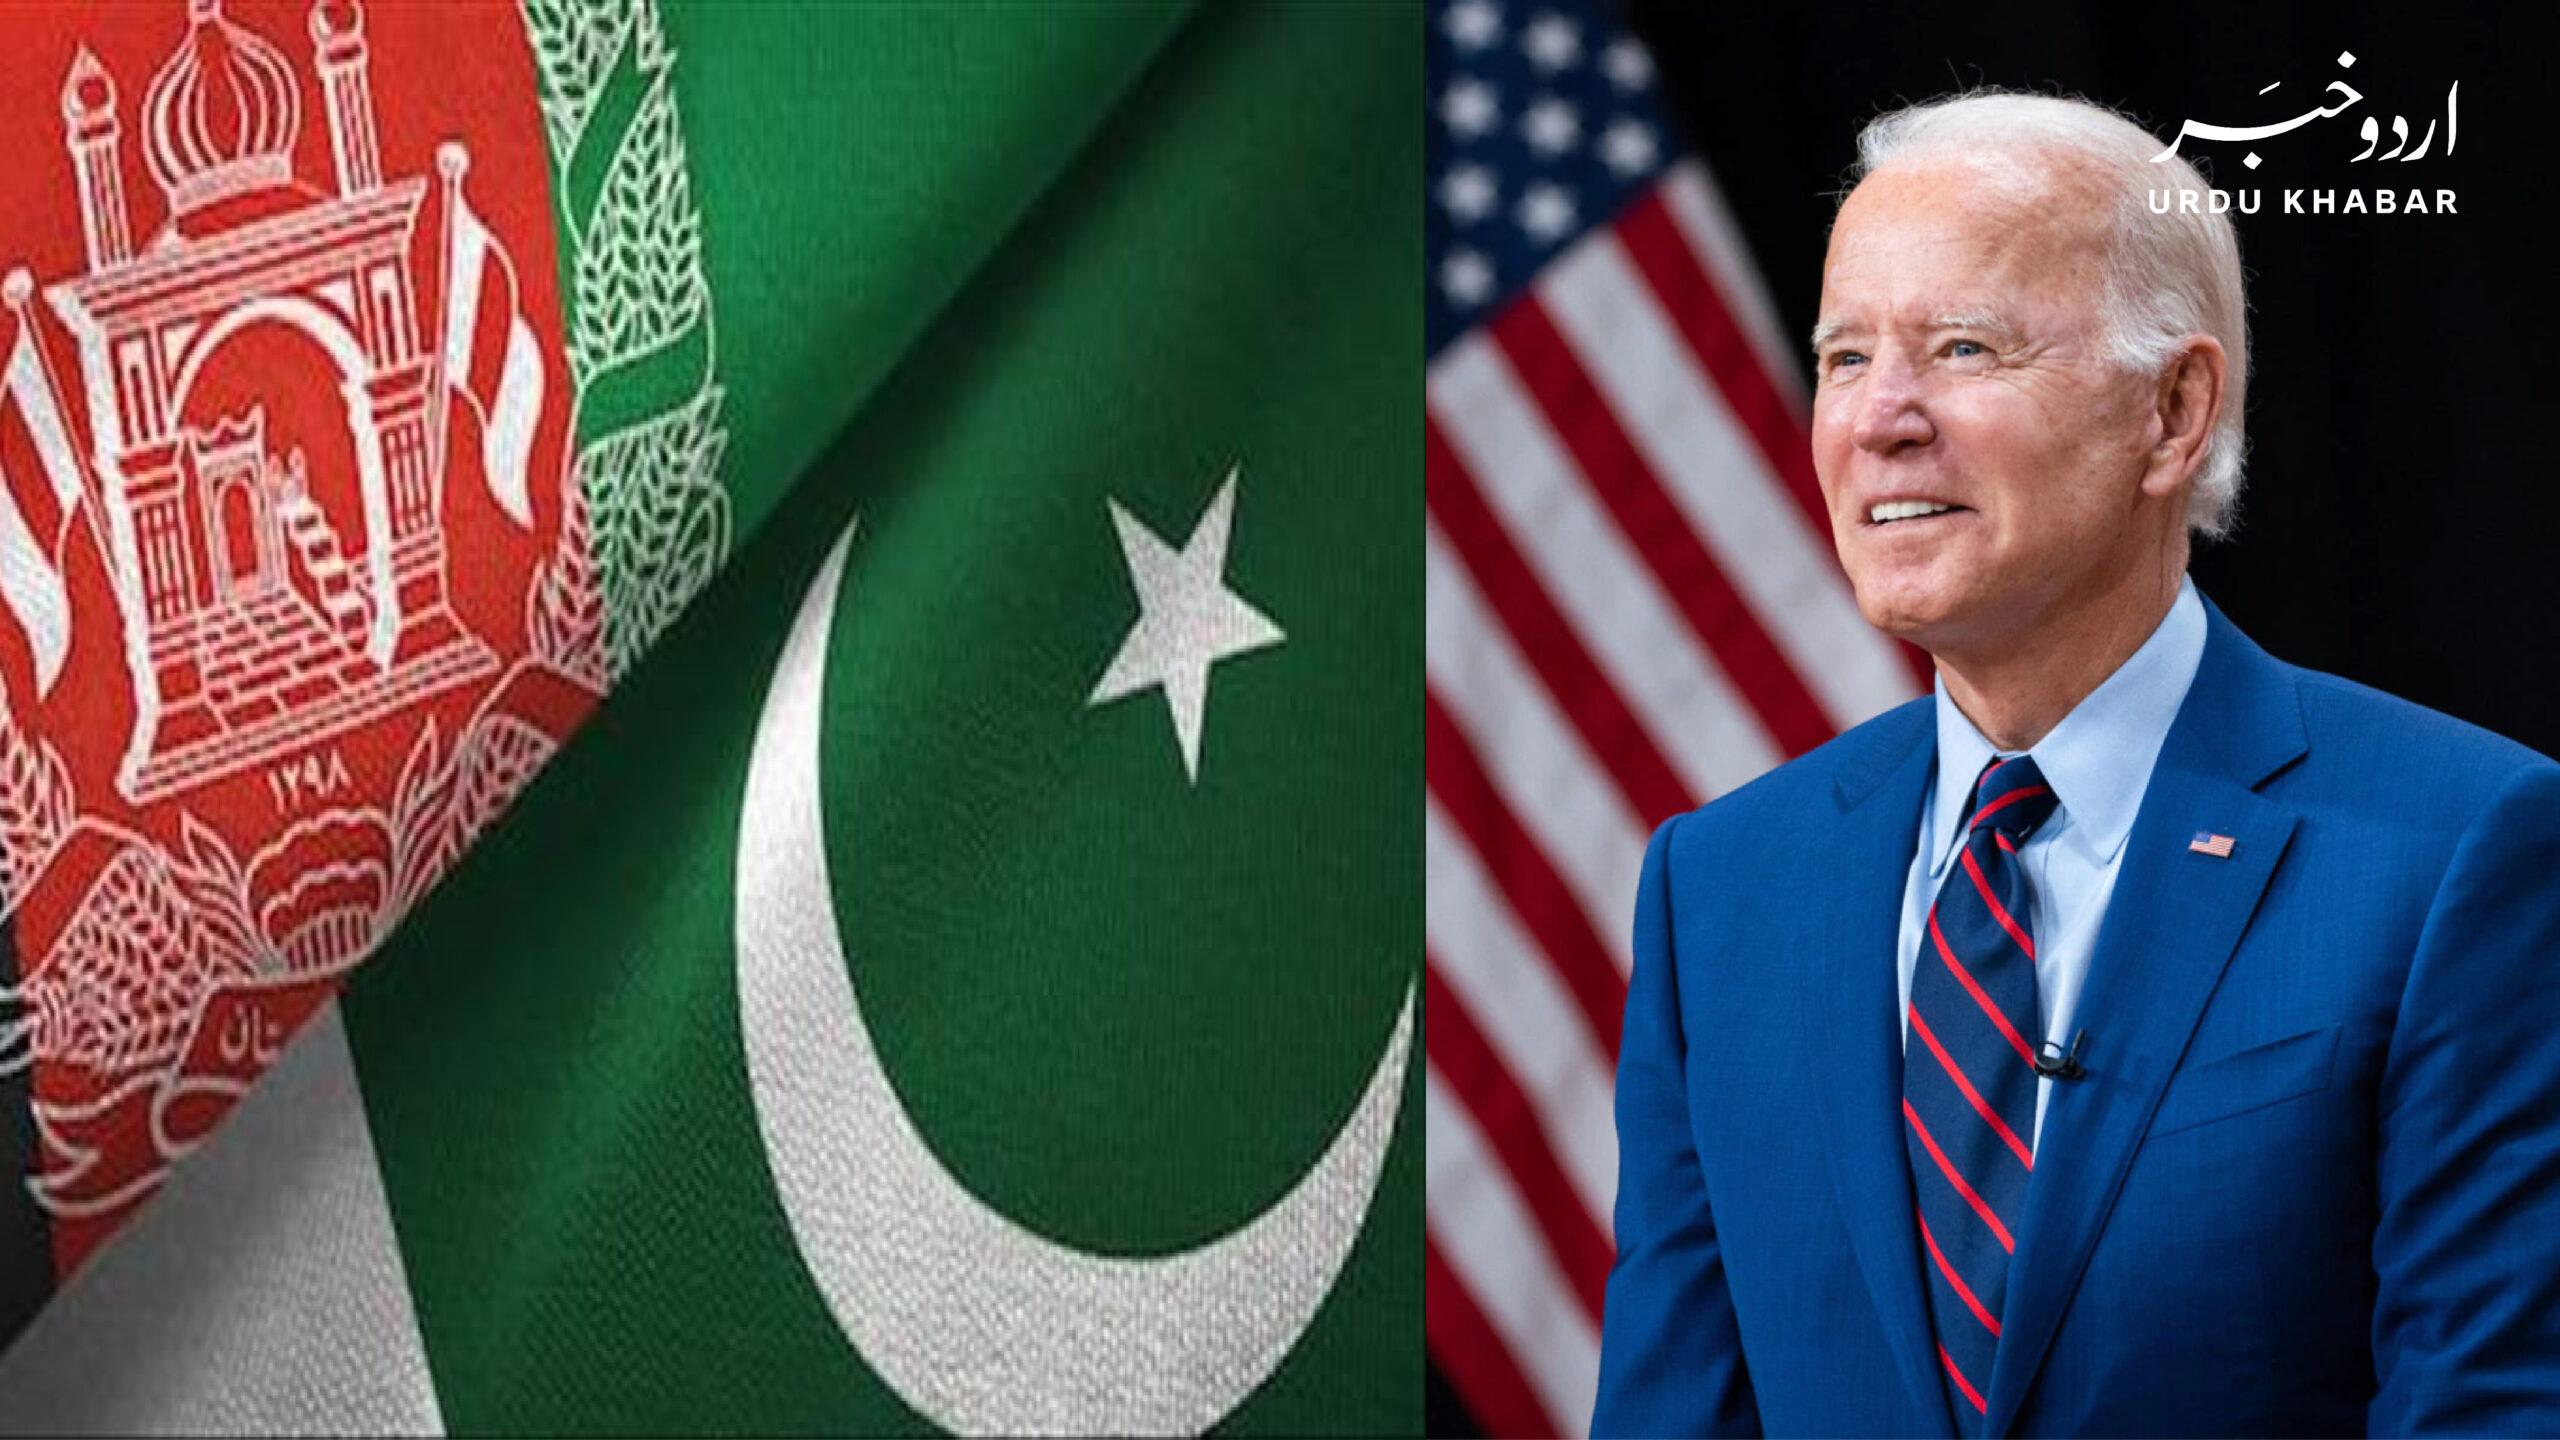 پاکستان مستقبل میں افغانستان امن عمل میں اہم کردار ادا کرے گا، جو بائڈن